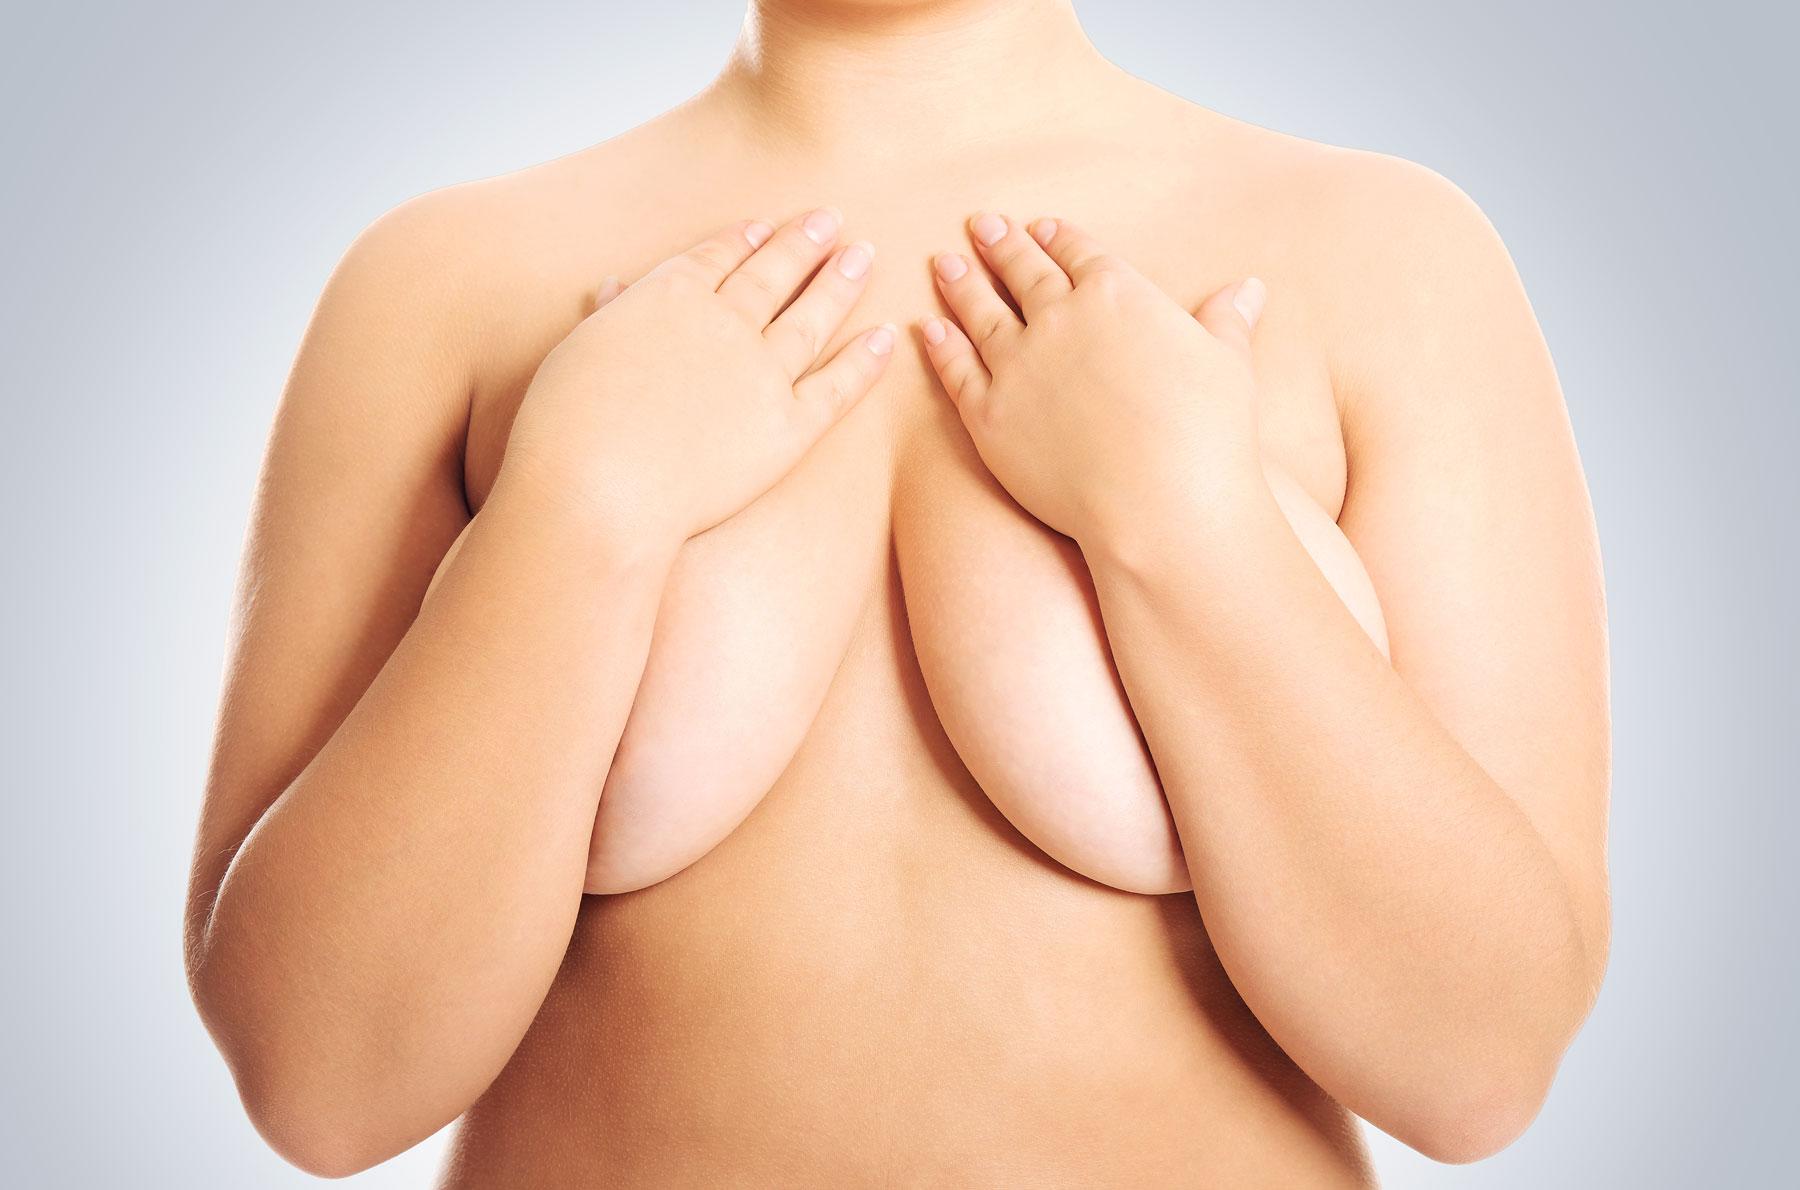 bröstoperation tjej